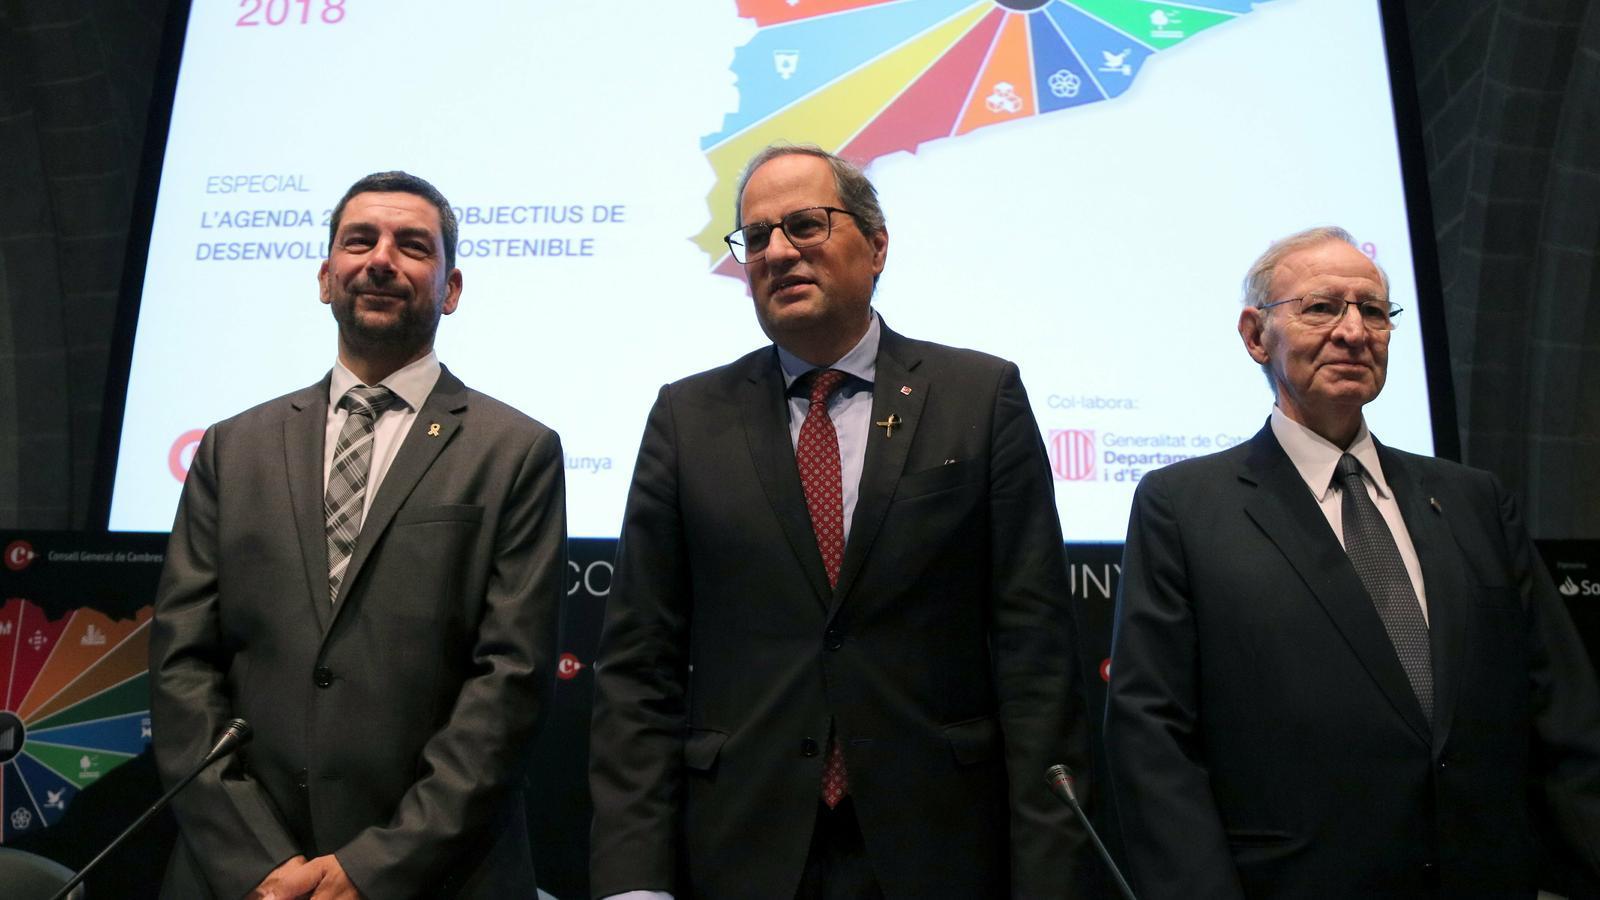 El consum intern lidera el creixement econòmic a Catalunya davant la caiguda del sector exterior